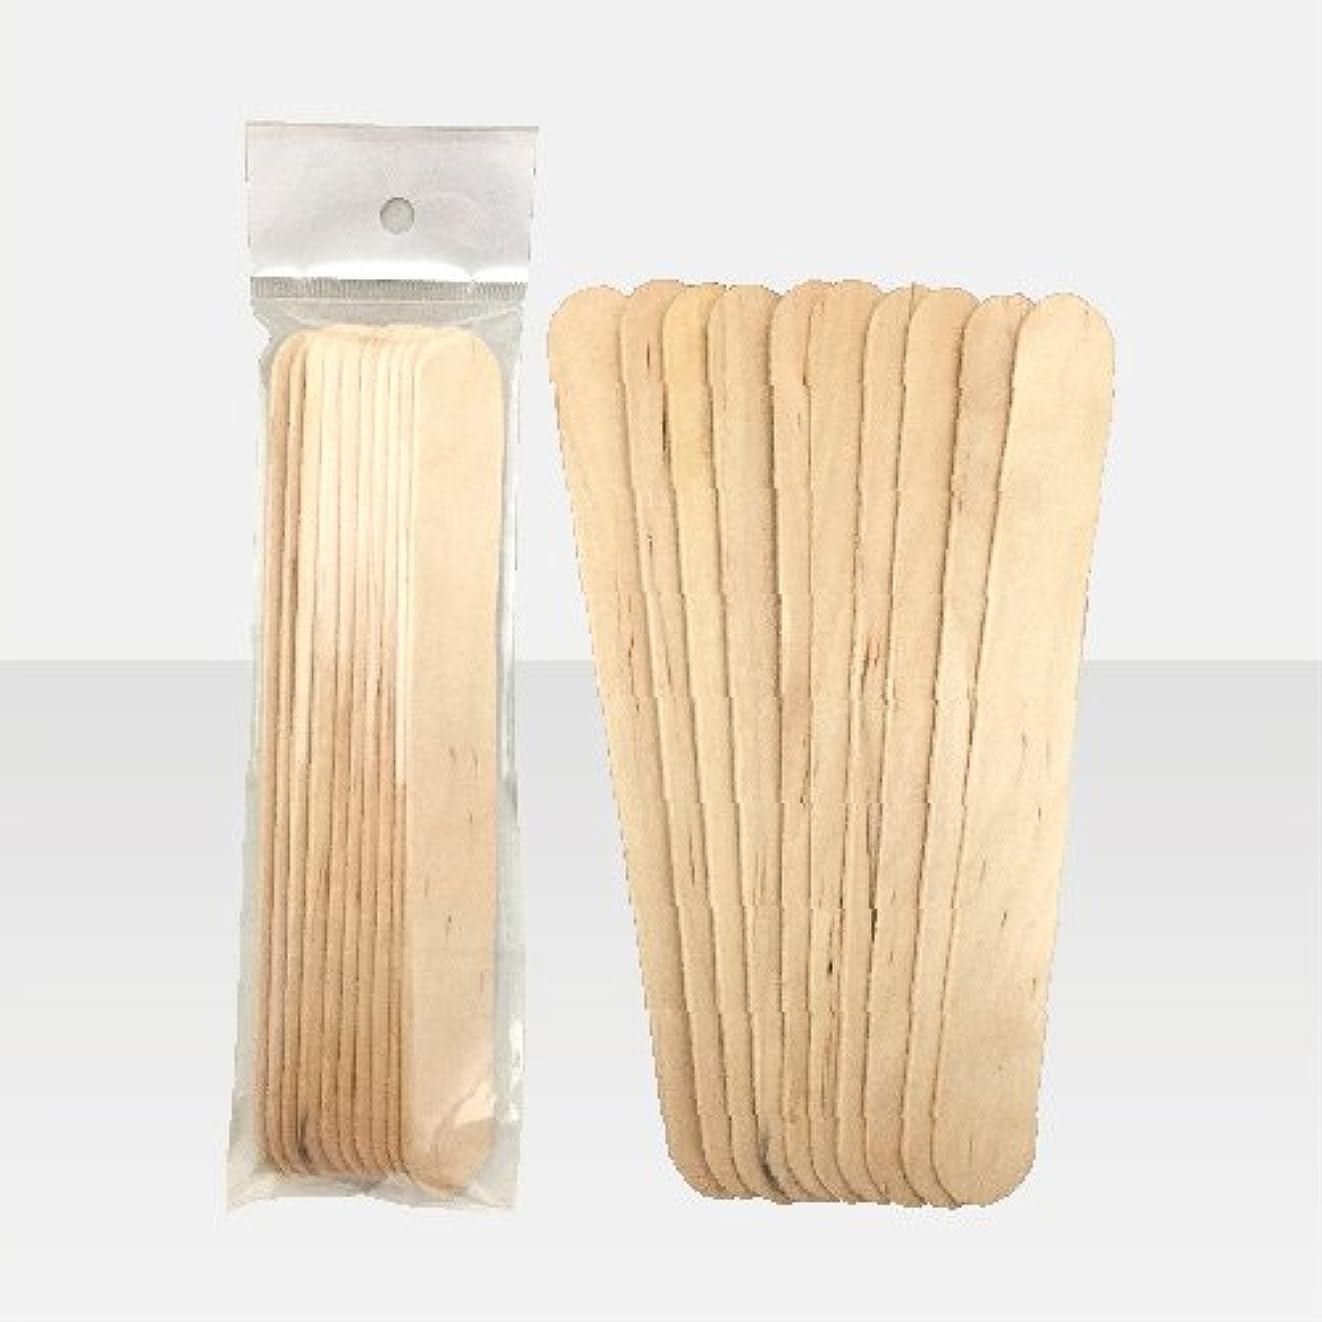 休憩月登録ブラジリアンワックス 脱毛ワックス用  ワックススパチュラ 木ベラ /10本セット Mサイズ